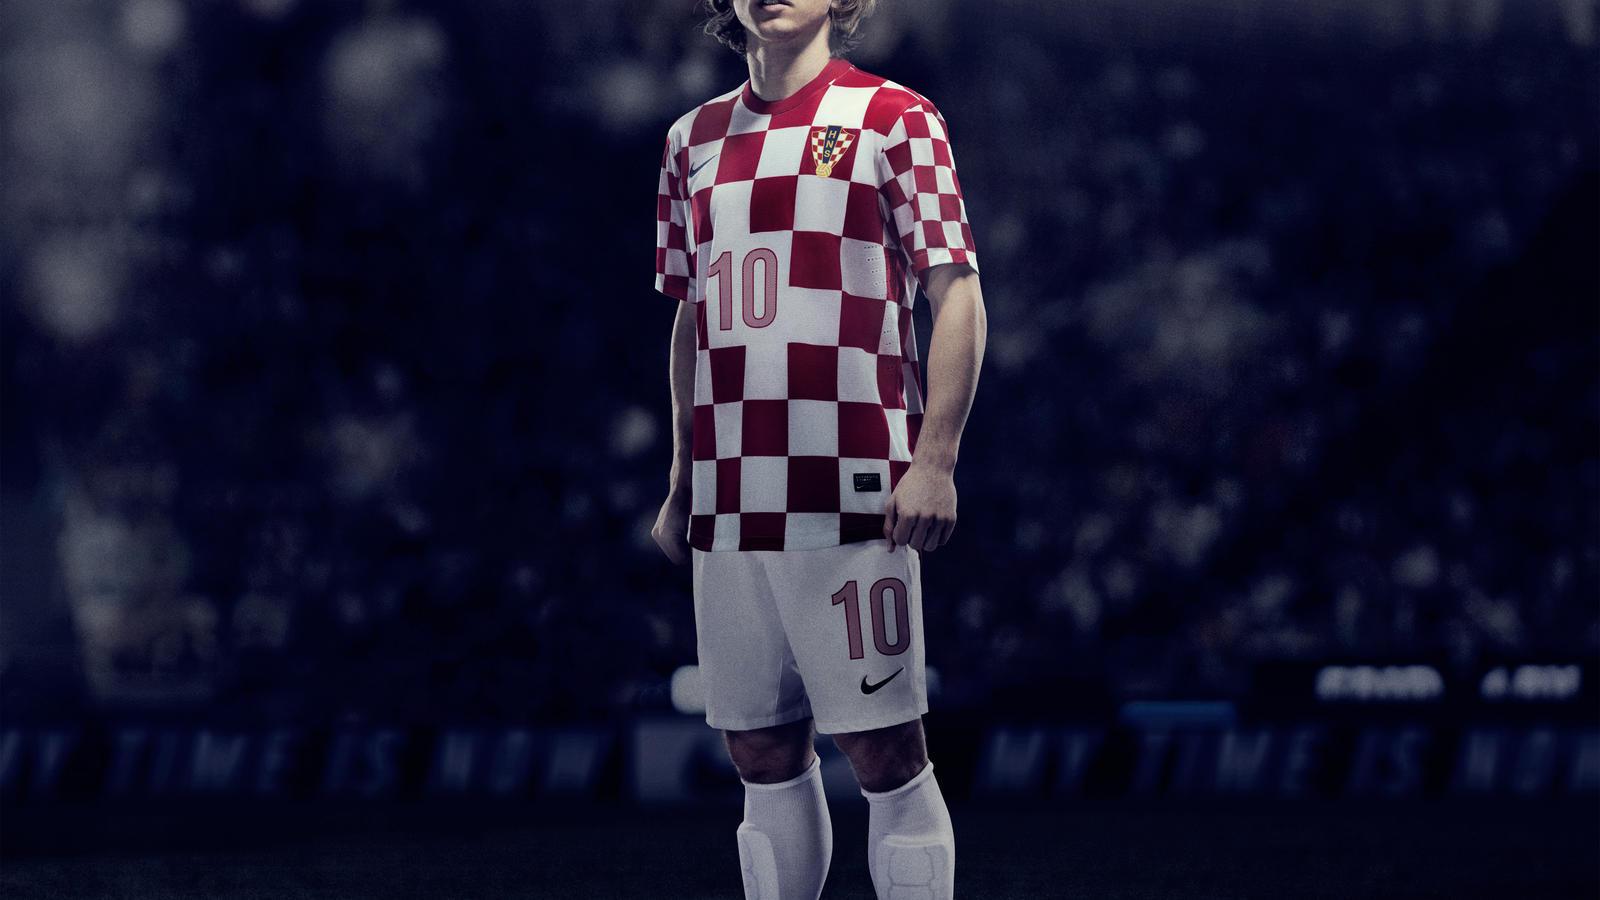 Modric_croatia_Home_NTK__02